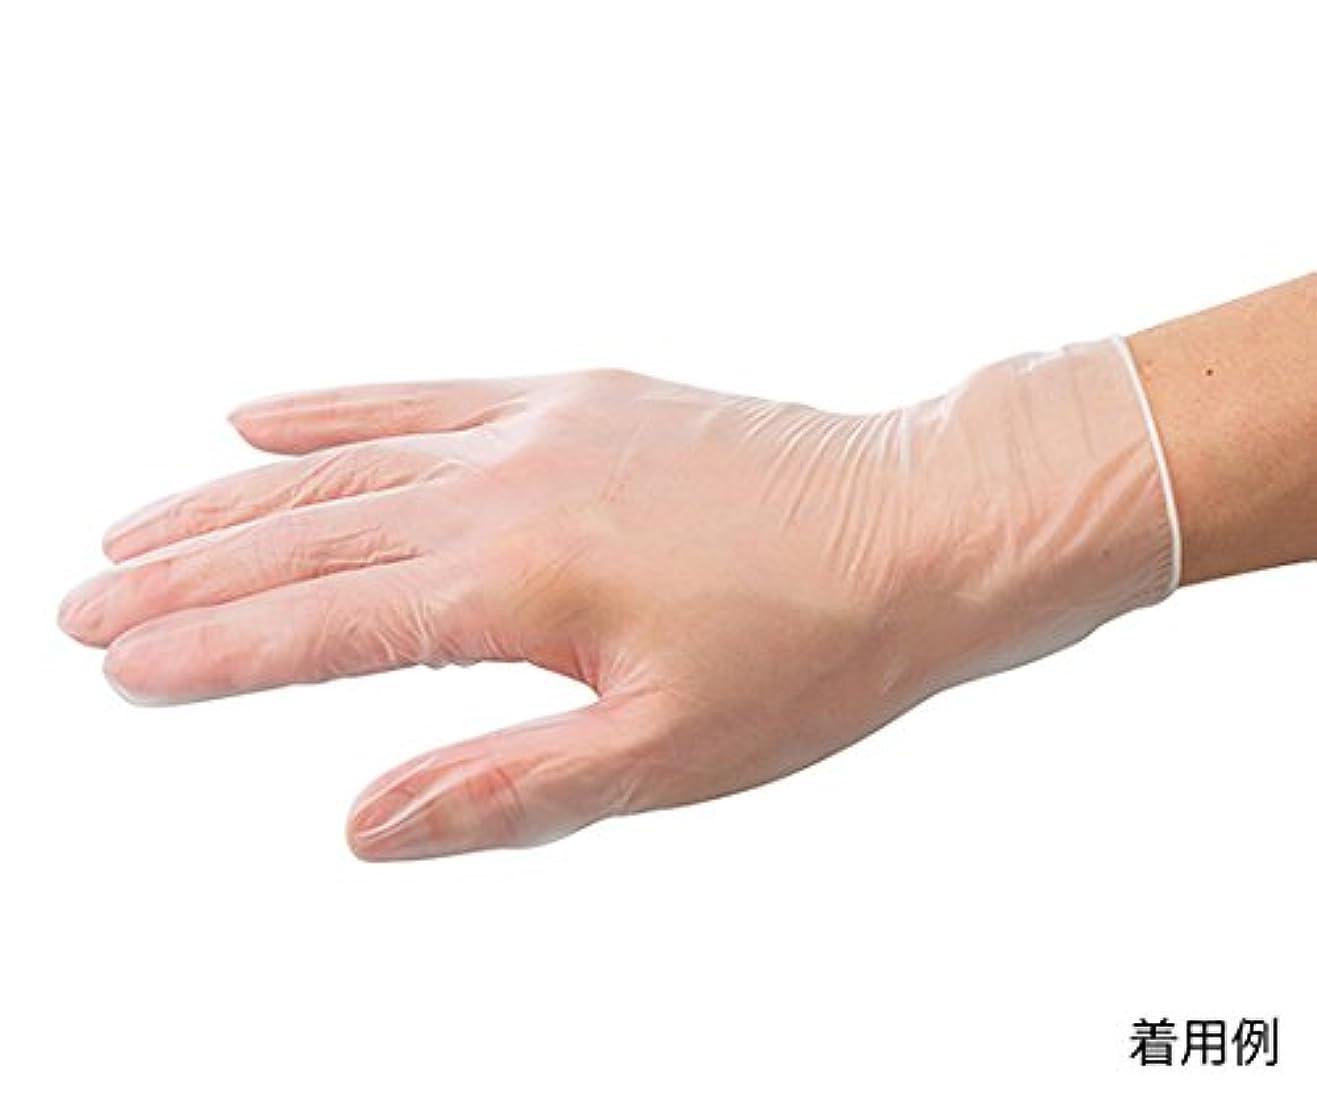 祝福体刃ARメディコム?インク?アジアリミテッド7-3726-01バイタルプラスチック手袋(パウダーフリー)S150枚入